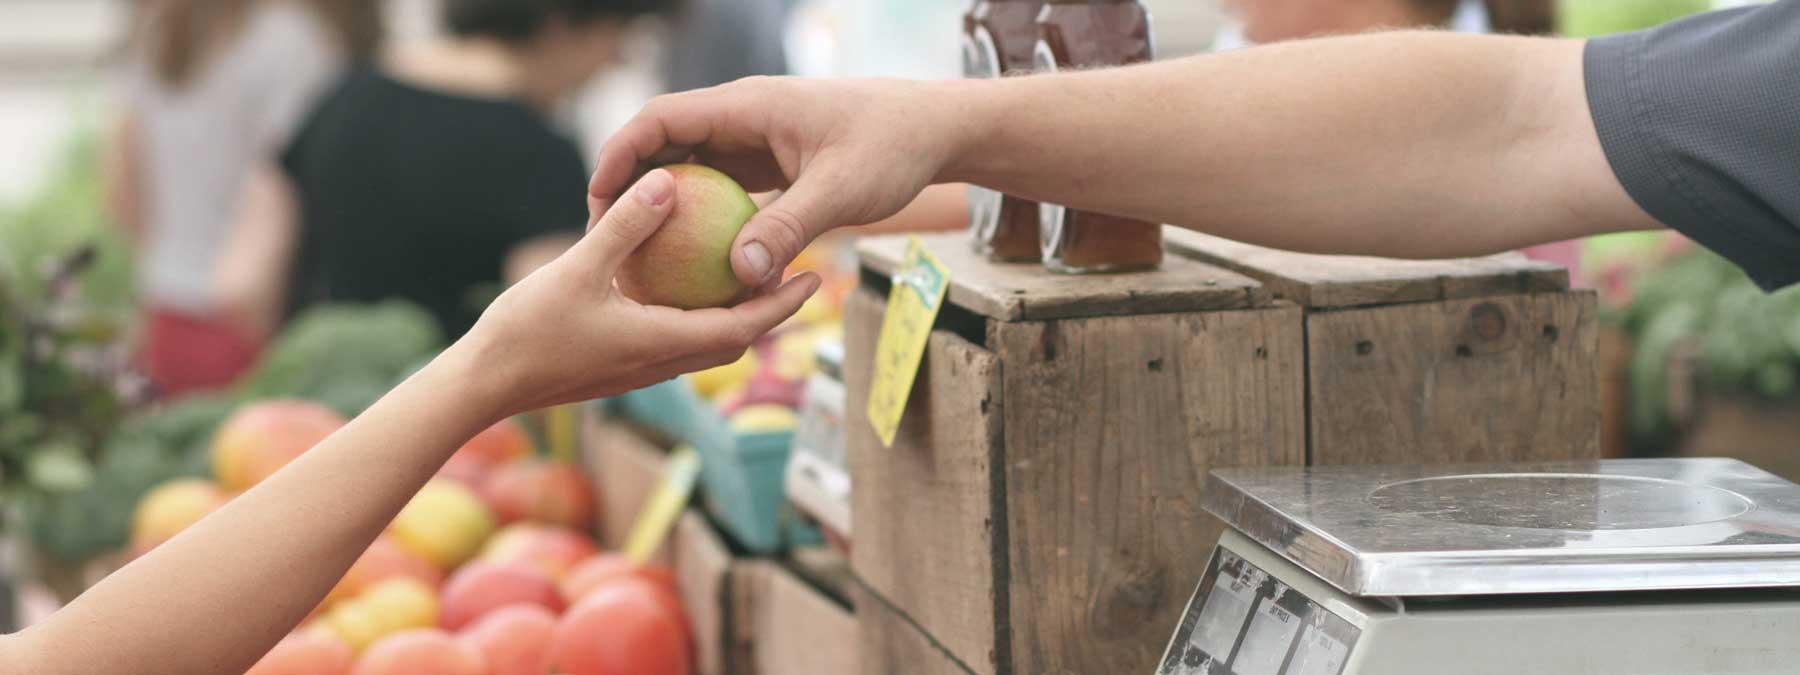 Eine Frauenhand ist zu sehen, die an einem Marktstand einen Apfel aus der Hand eines Mannes nimmt, der ihn ihr über den Obststand reicht.